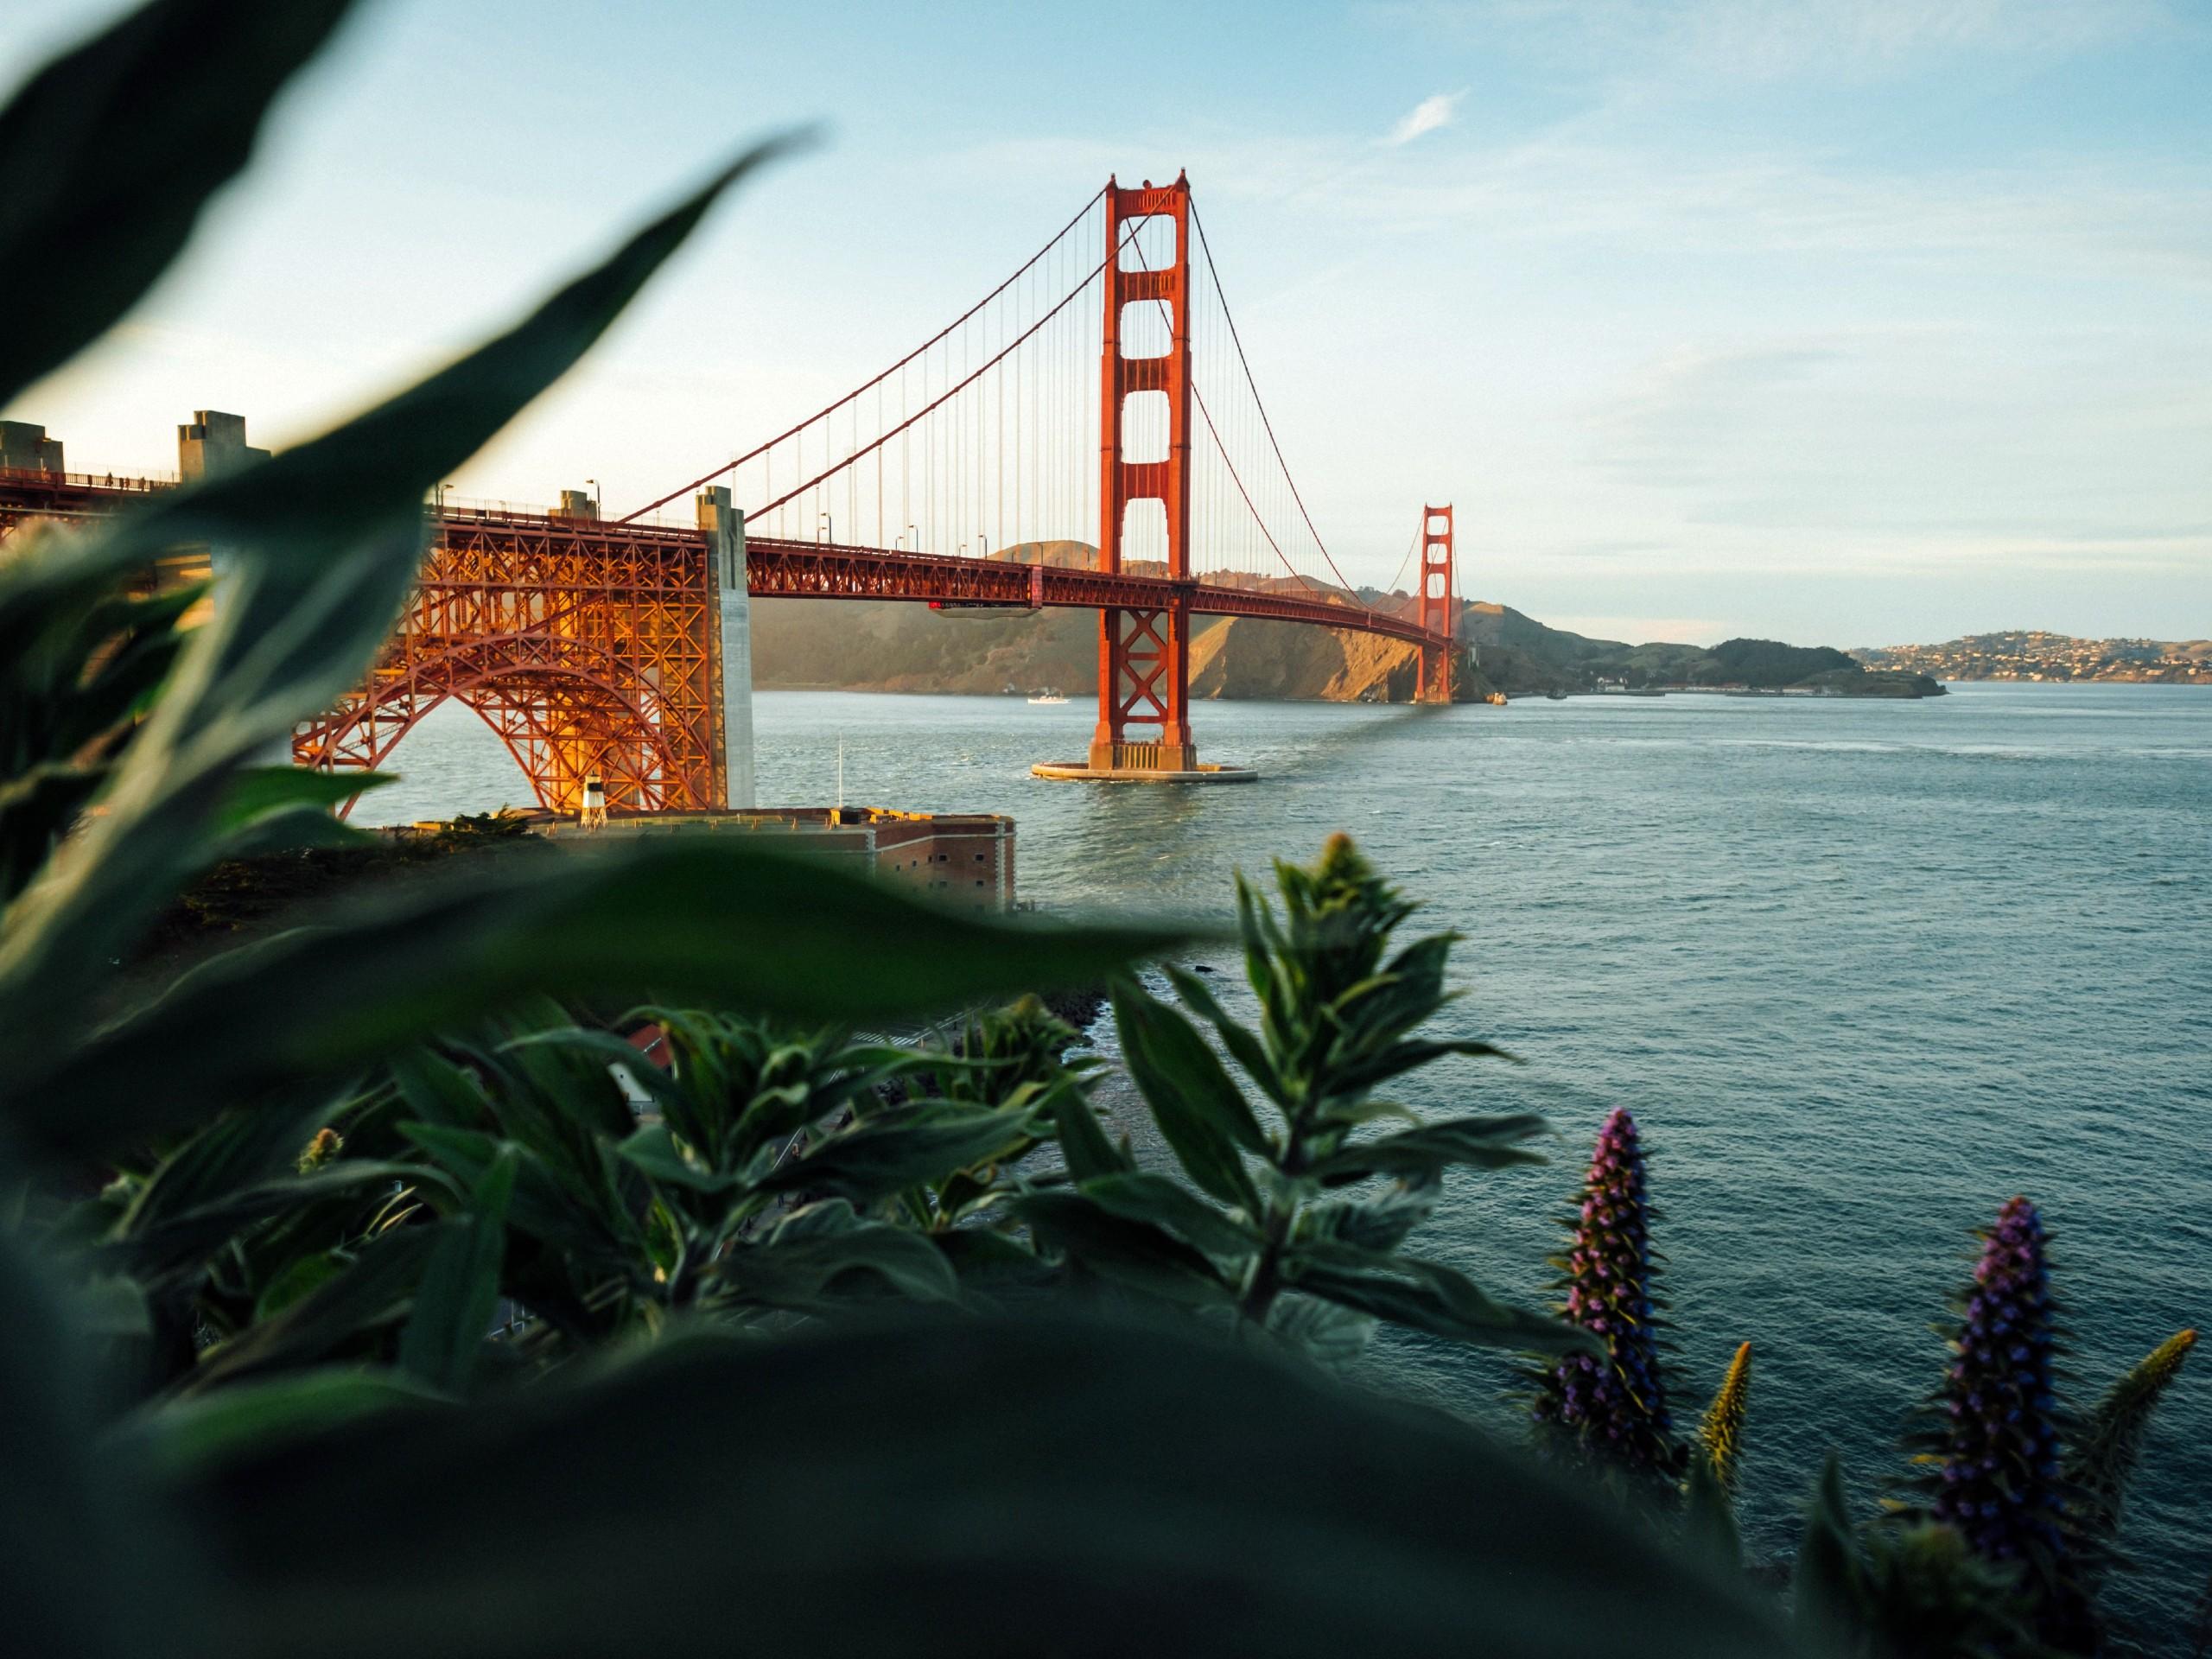 Golden Gates Bridge in San Francisco (California)